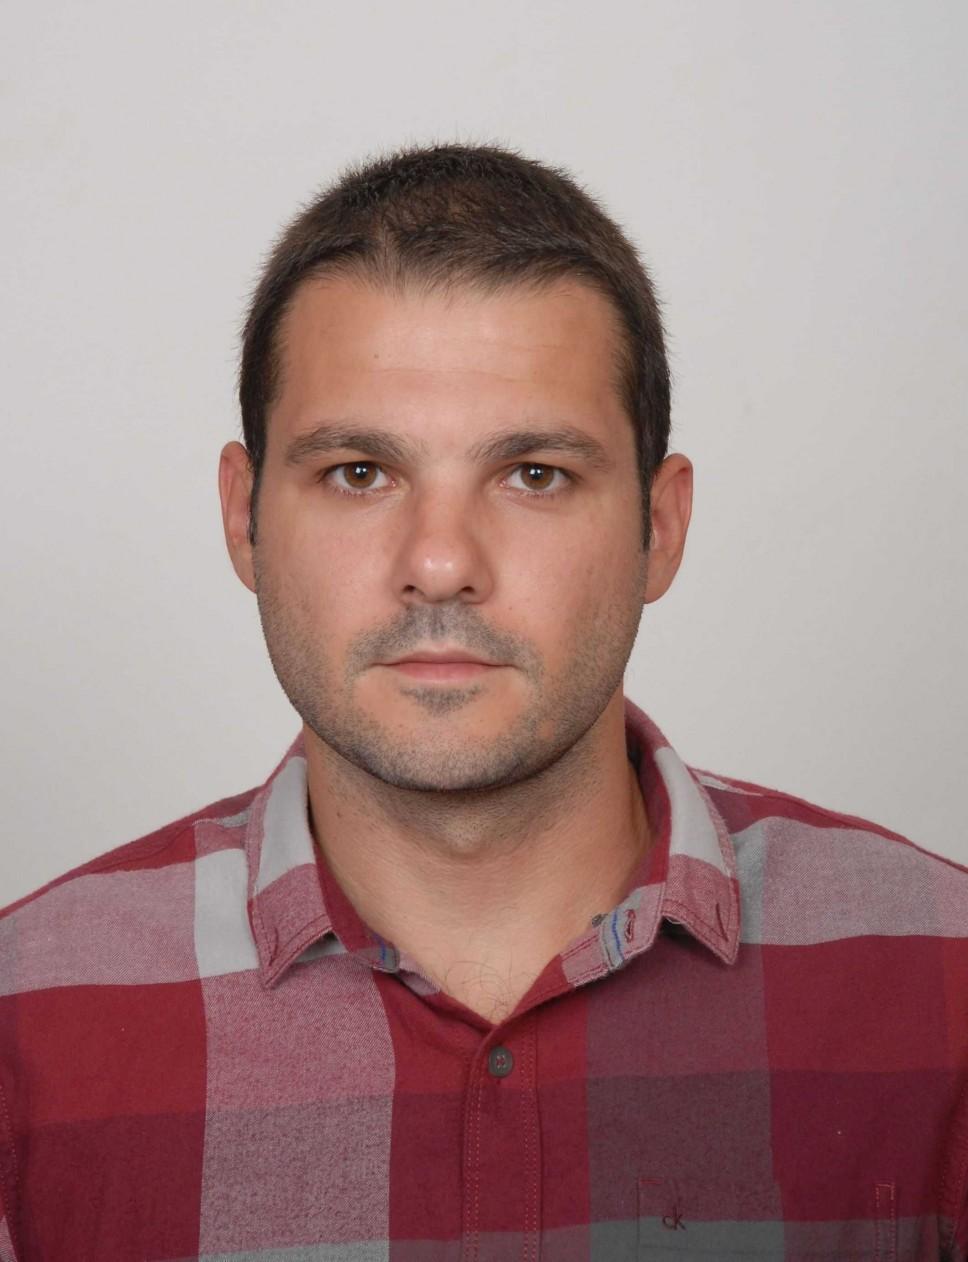 Biografija - Mraković Ivan